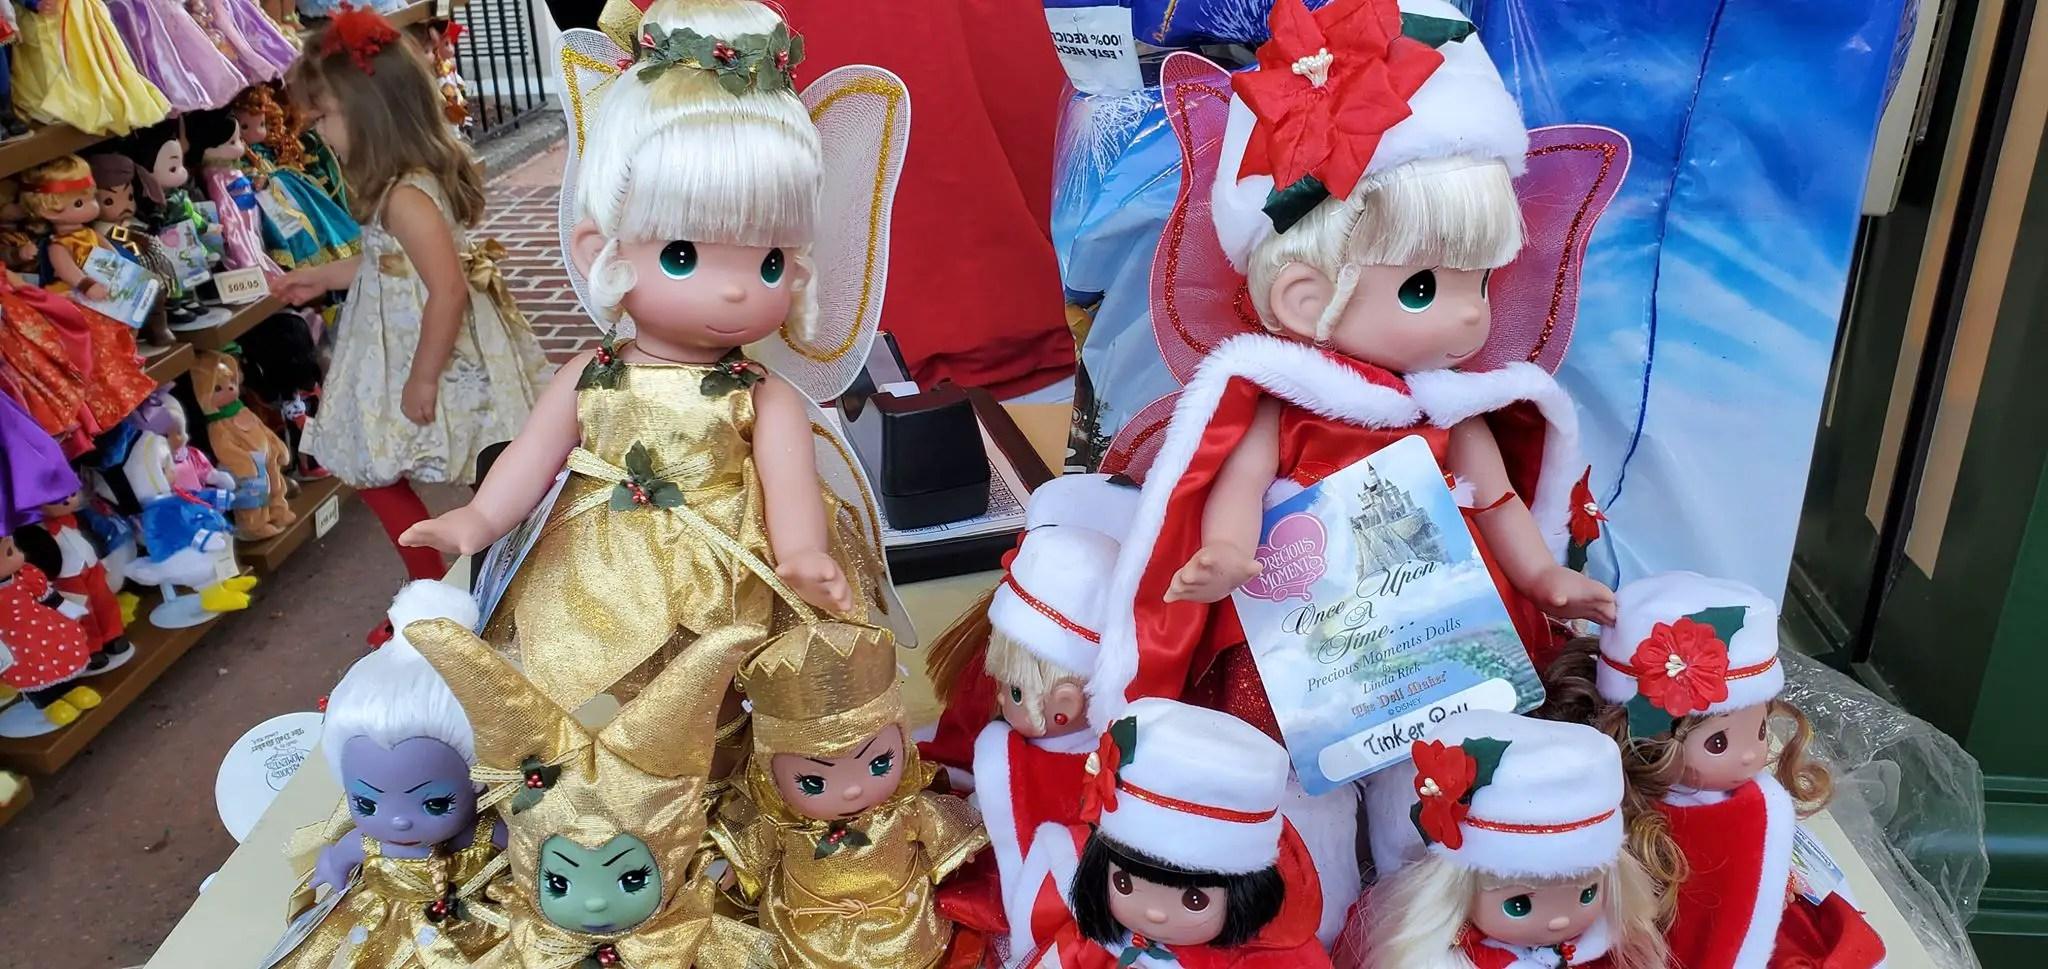 Disney Precious Moments Dolls